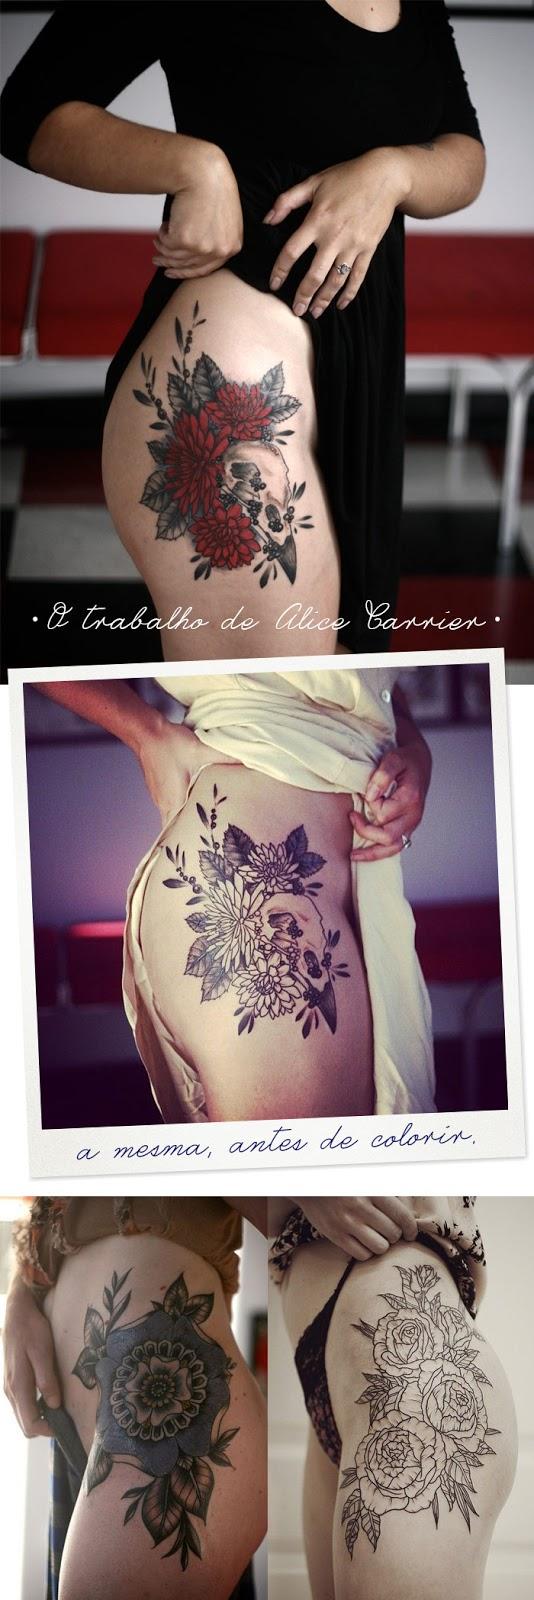 Tatuagem no quadril feminina delicada